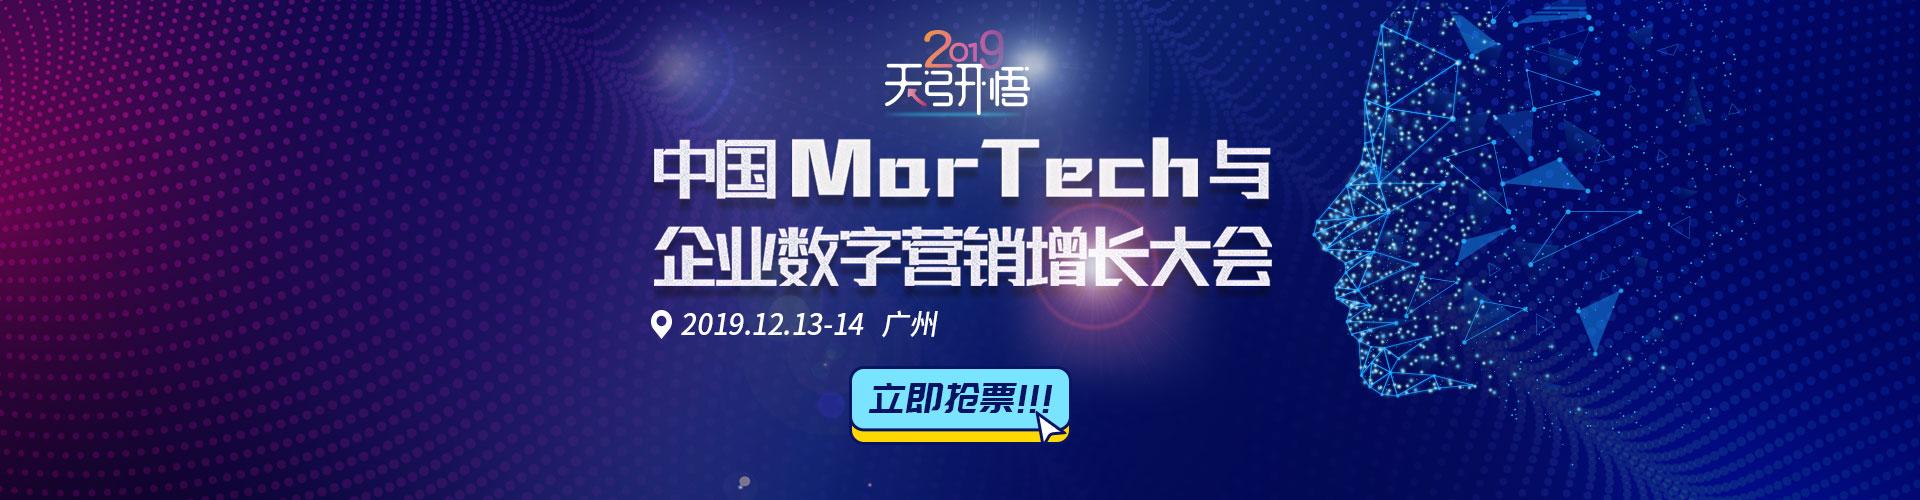 2019天弓开悟——私域流量头部玩家&中国MarTech与企业数字营销增长大会